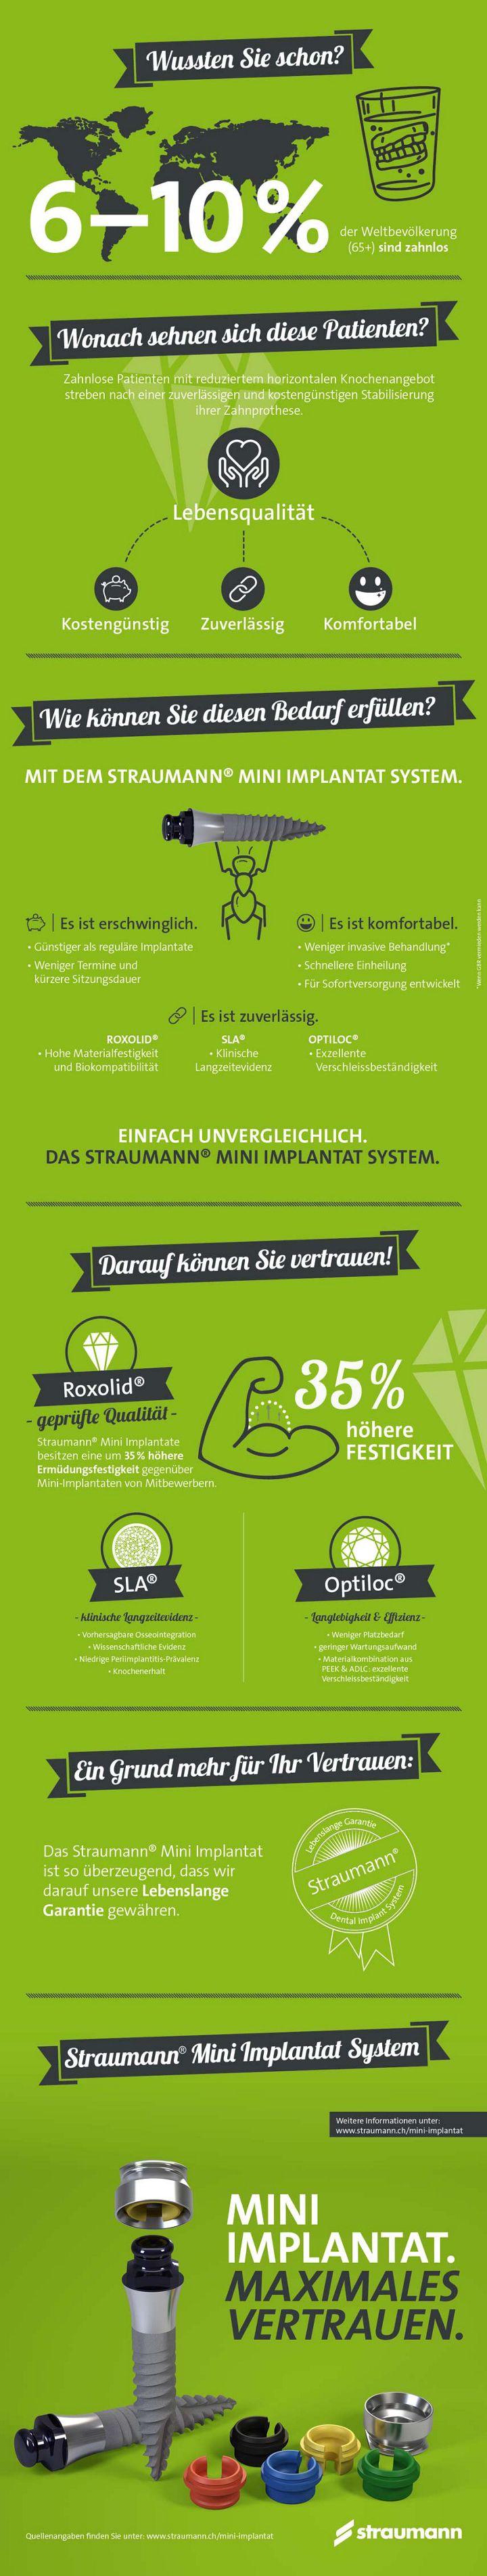 Infografik Straumann Mini Implantat System